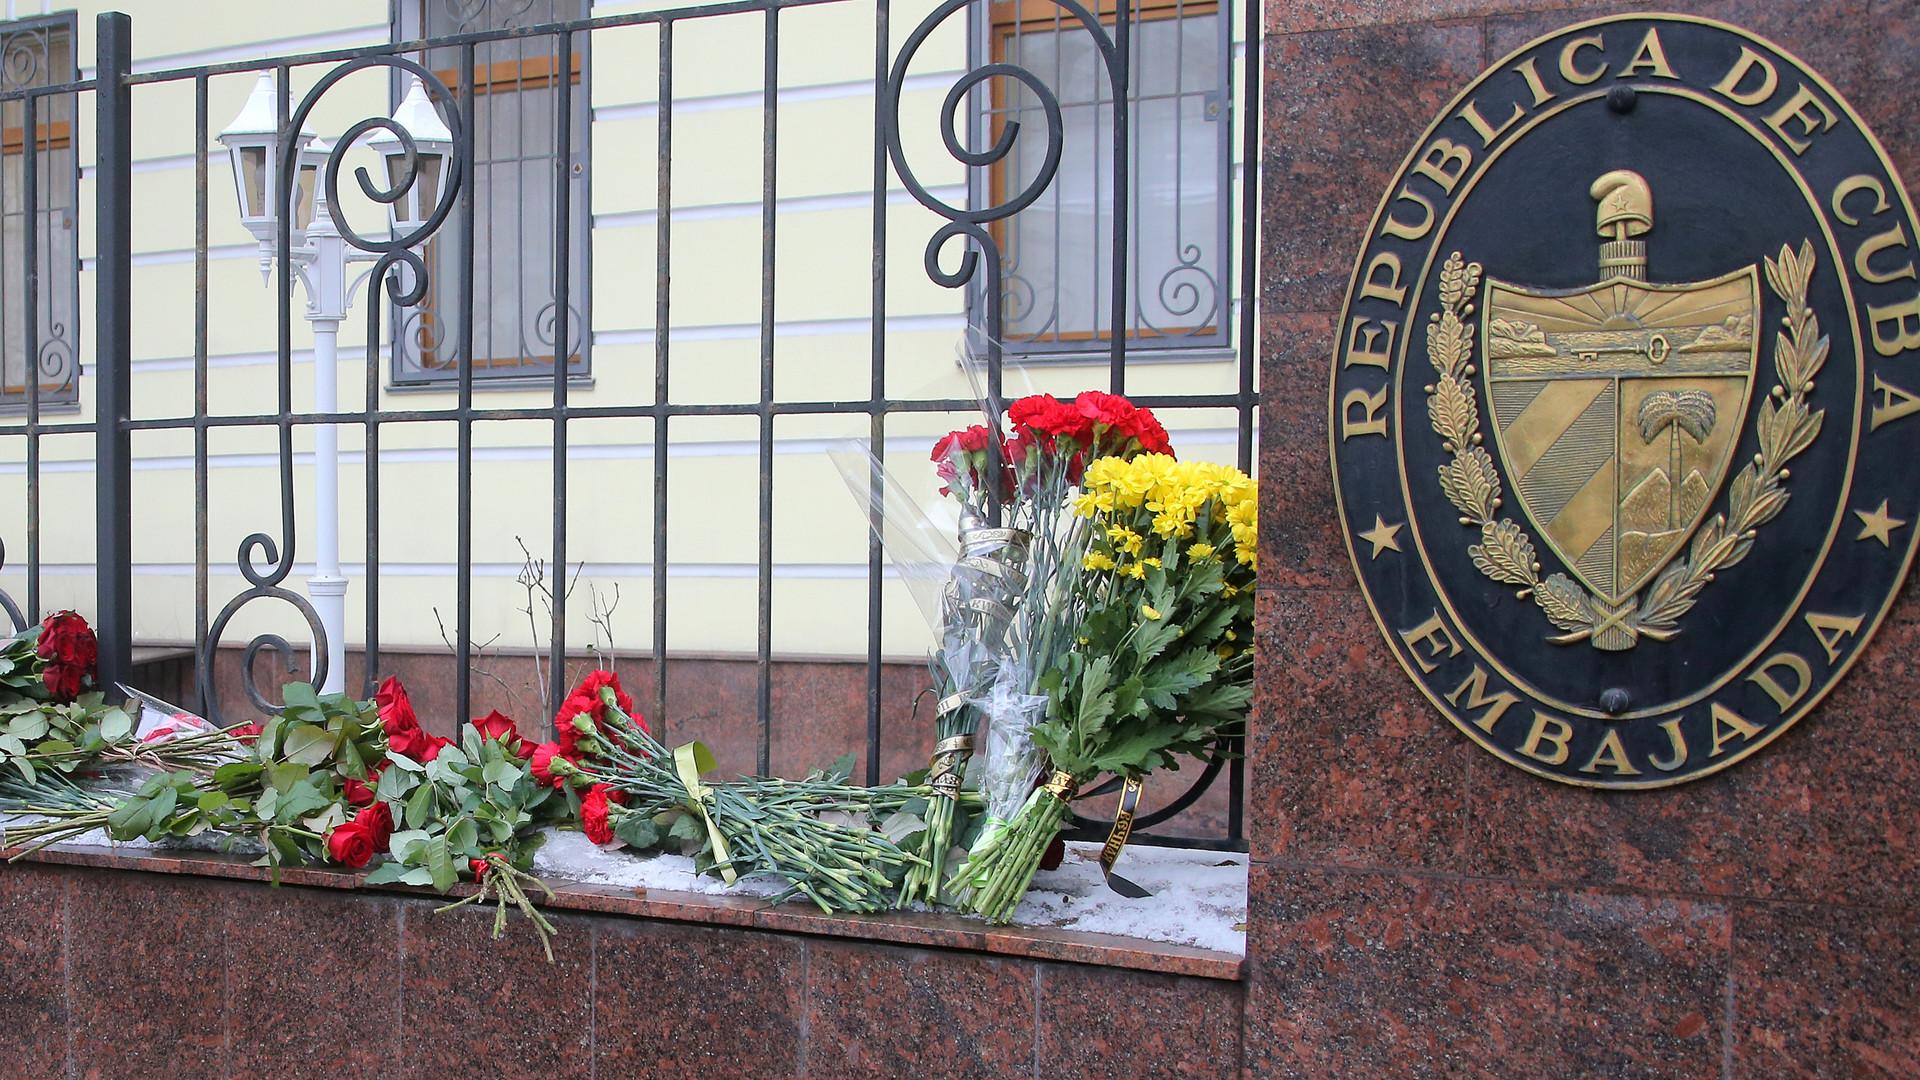 «Грустно видеть, что многие отмечают его смерть»: кубинцы в Москве о кончине Фиделя Кастро